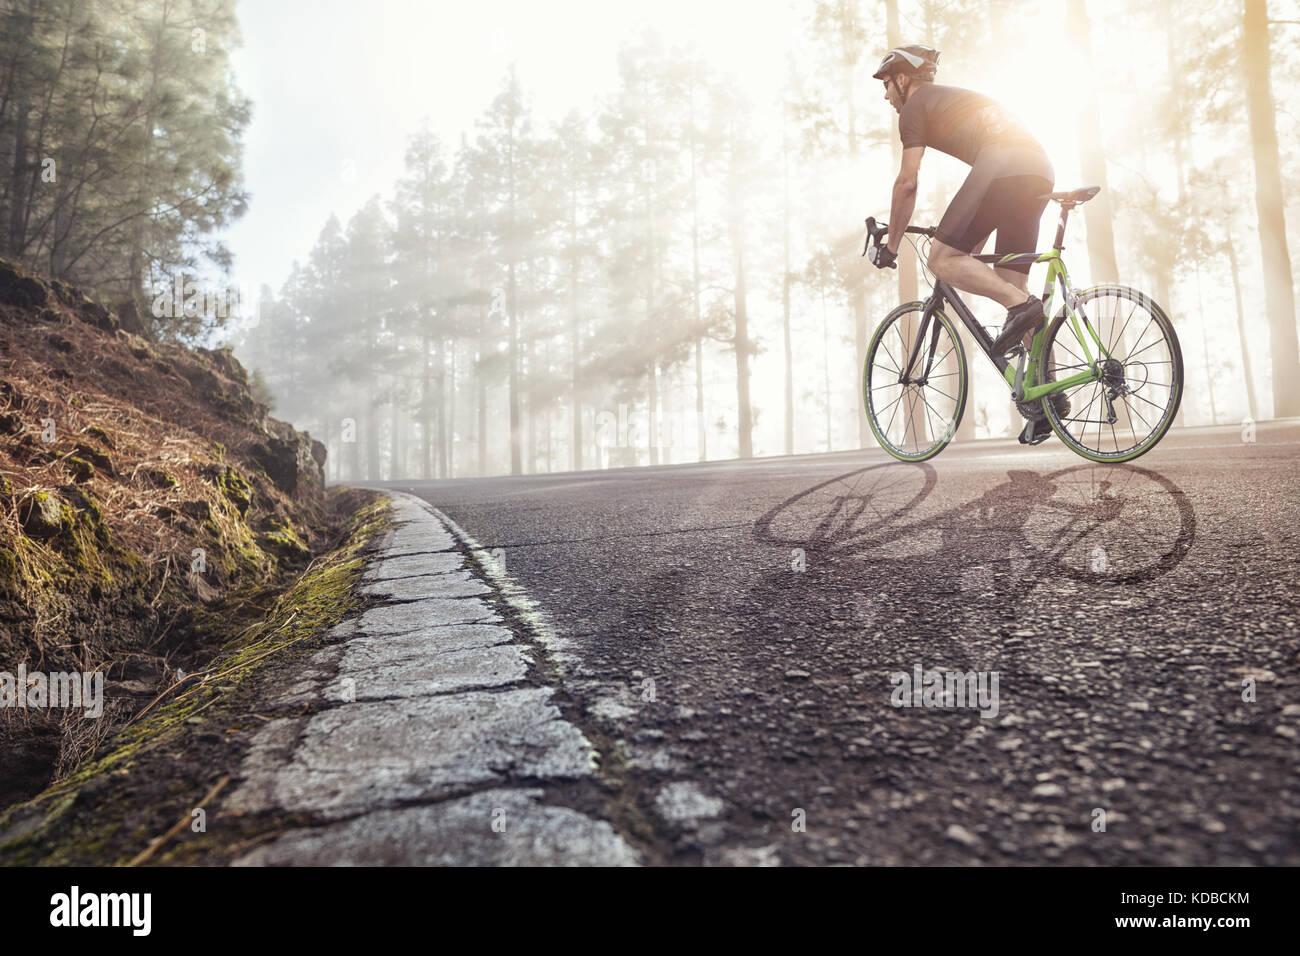 Ciclista su strada in una foresta di nebbia Immagini Stock